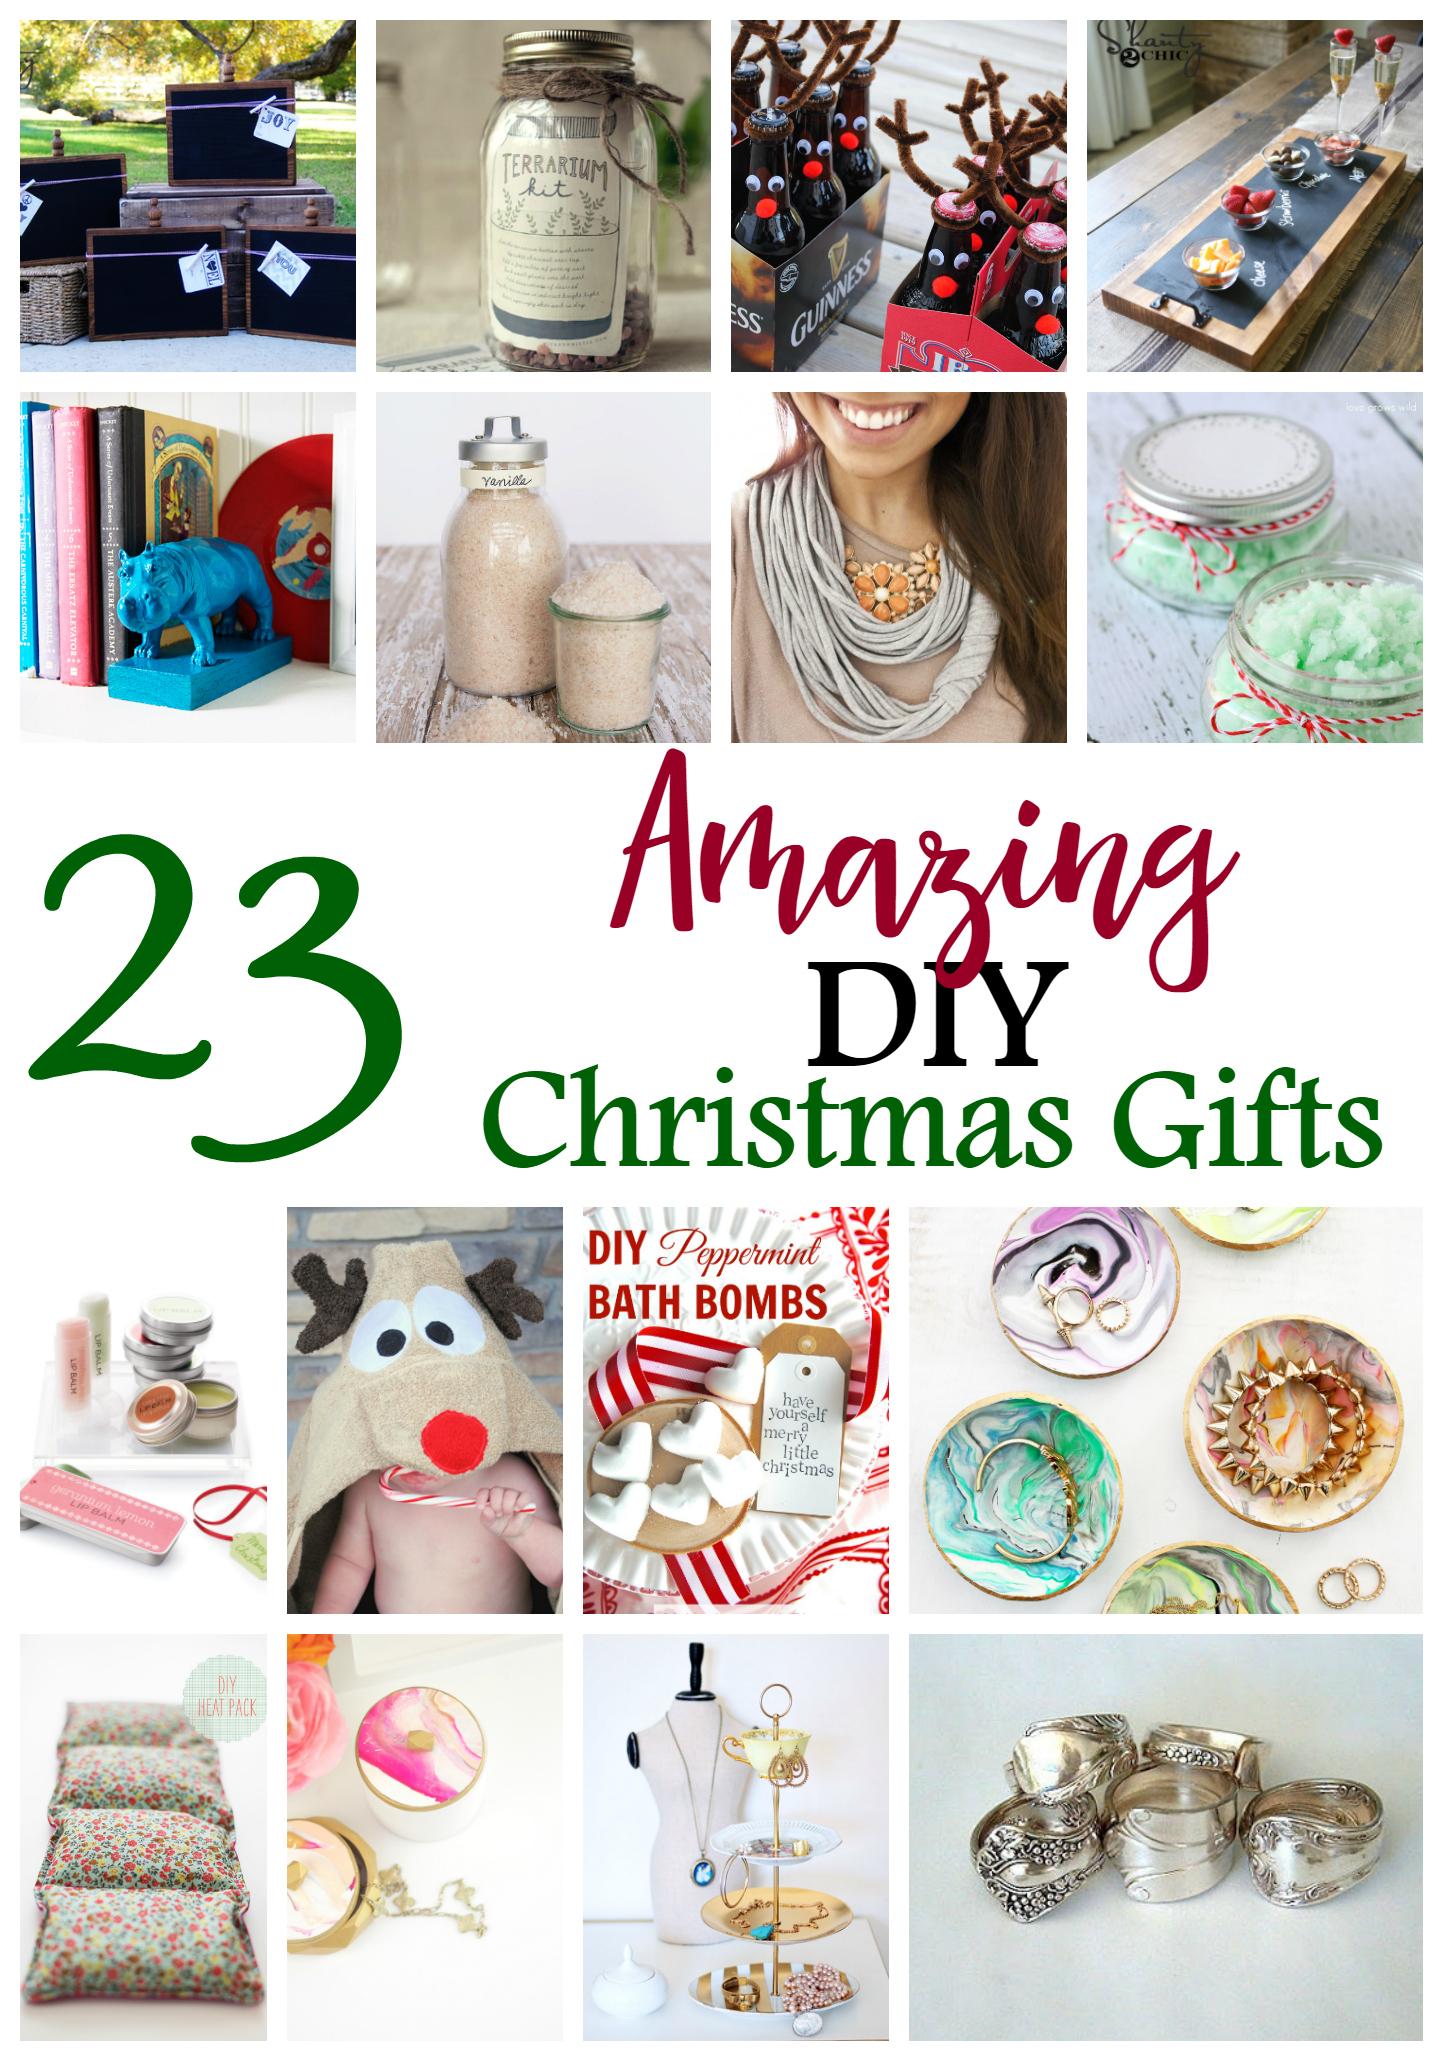 23 DIY Christmas Gifts